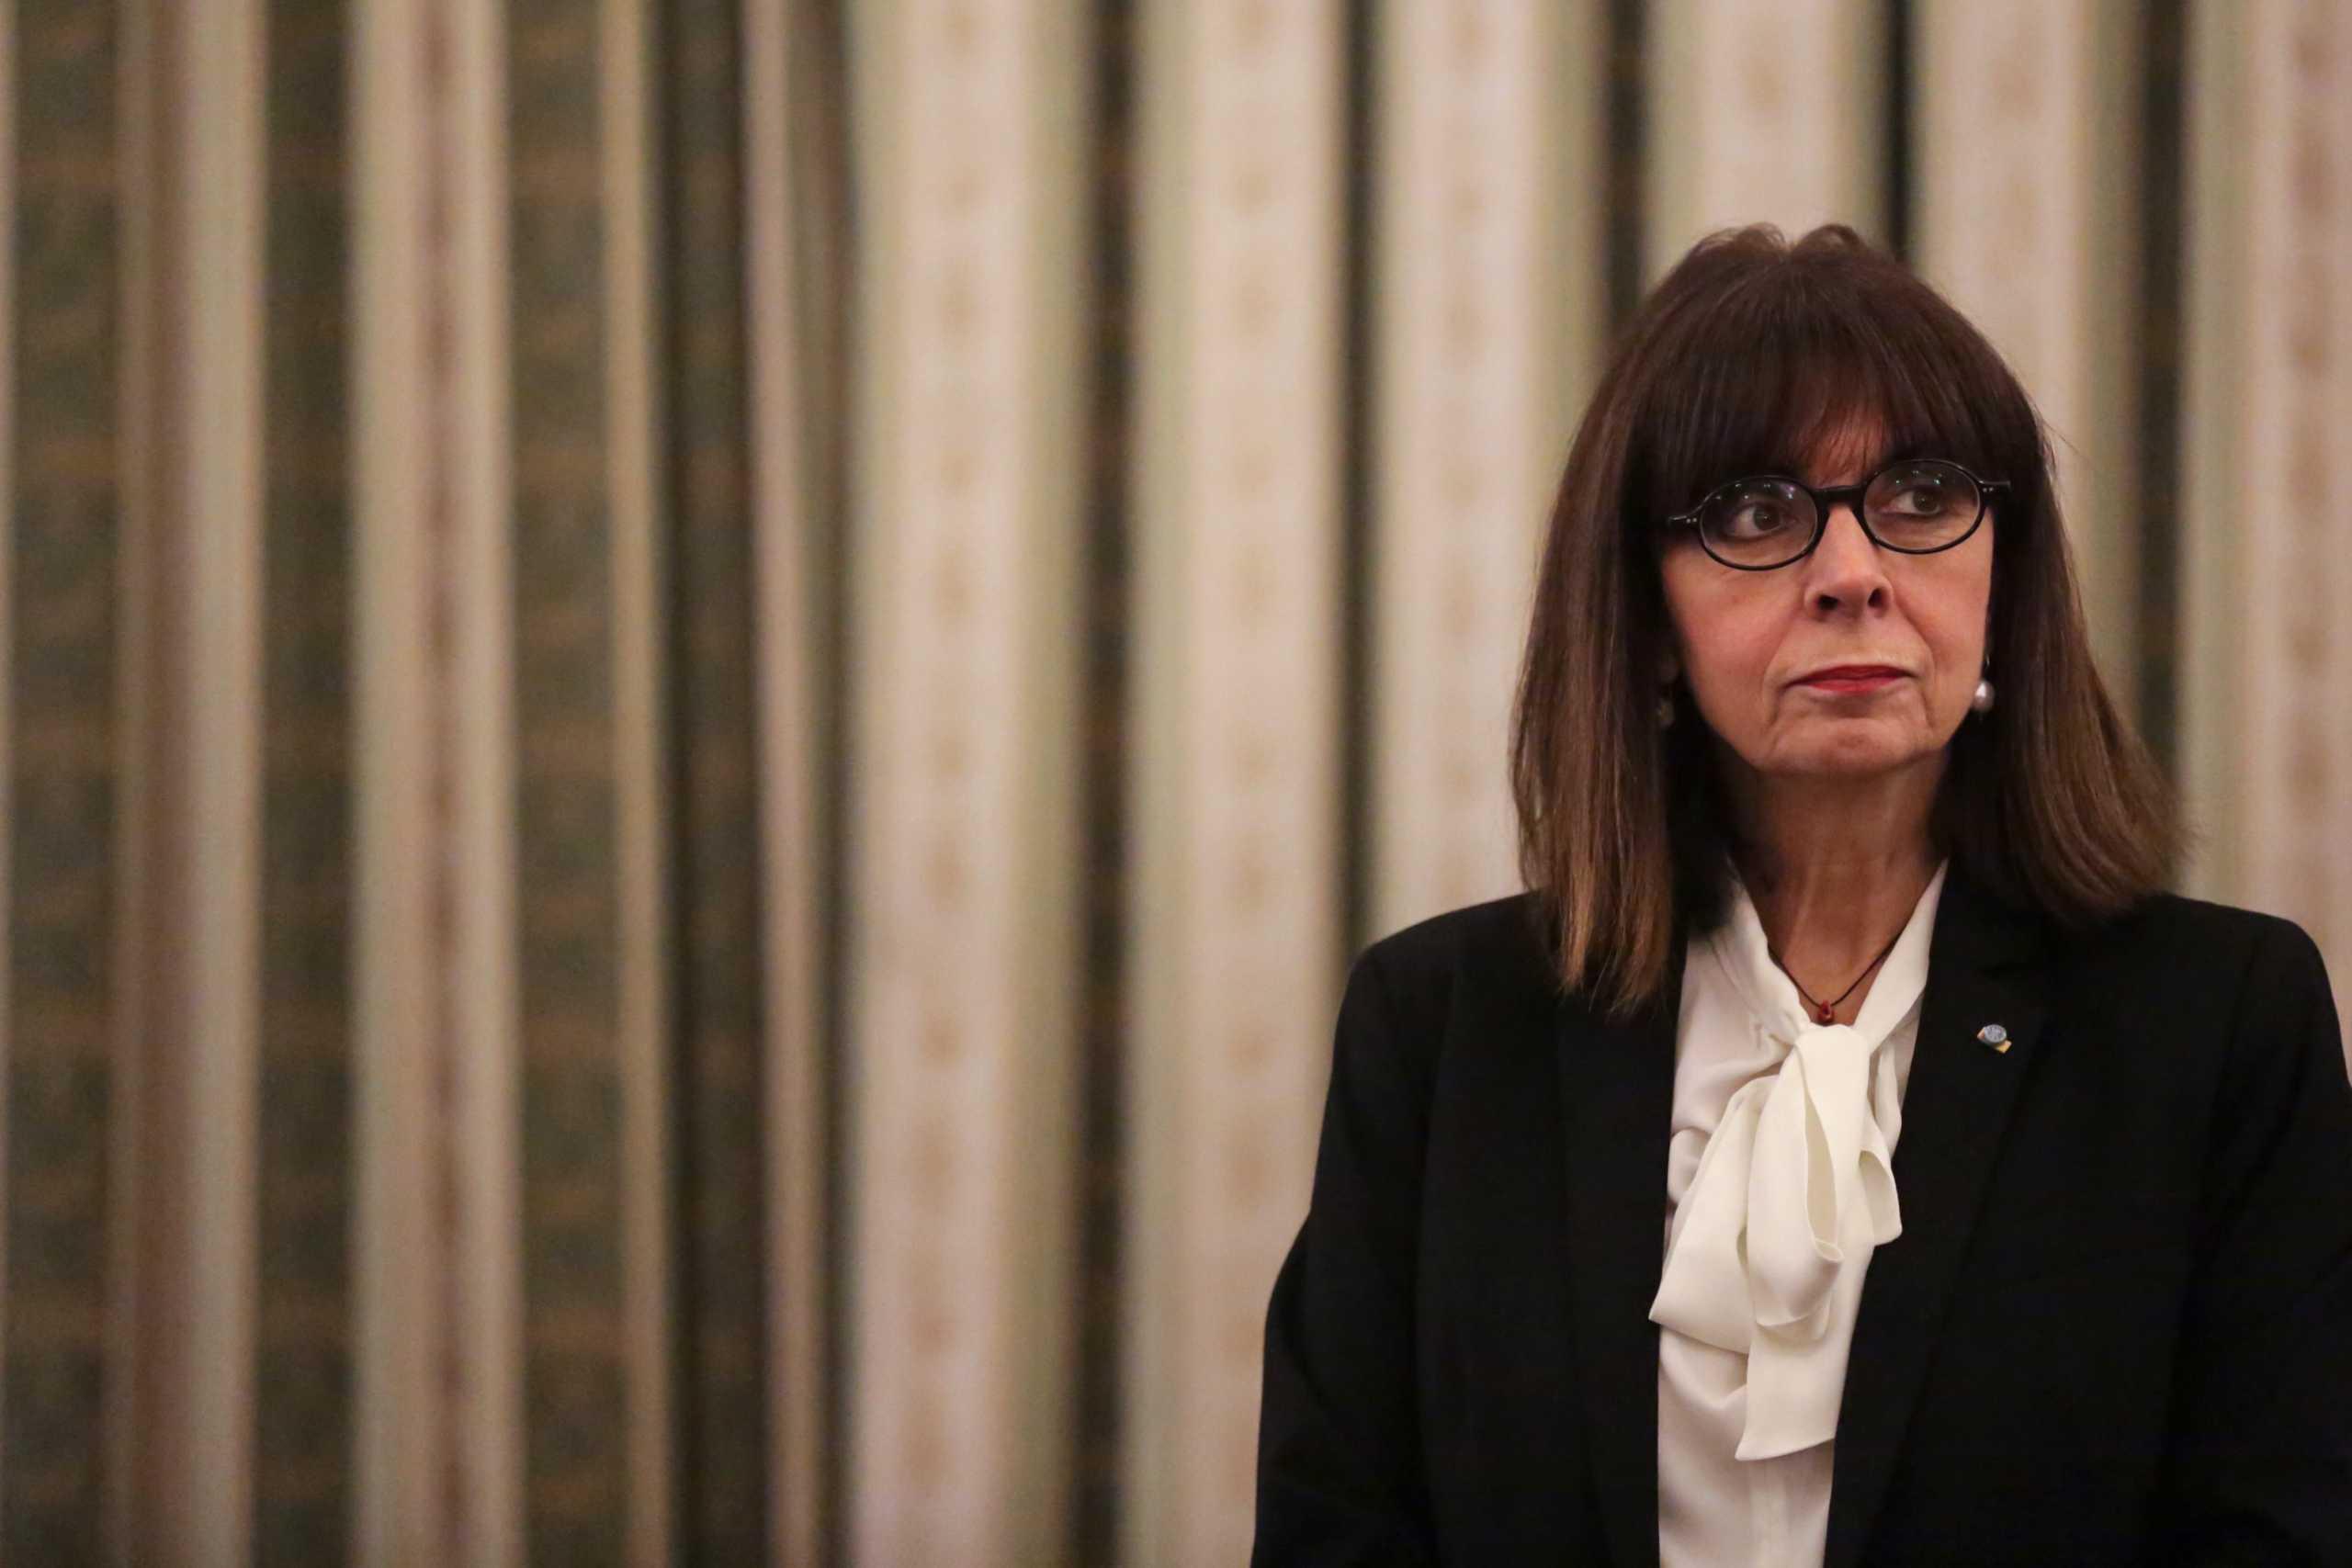 Αίγιο: Το μήνυμα της Κατερίνας Σακελλαροπούλου για την επέτειο της μυστικής συνέλευσης της Βοστίτσας